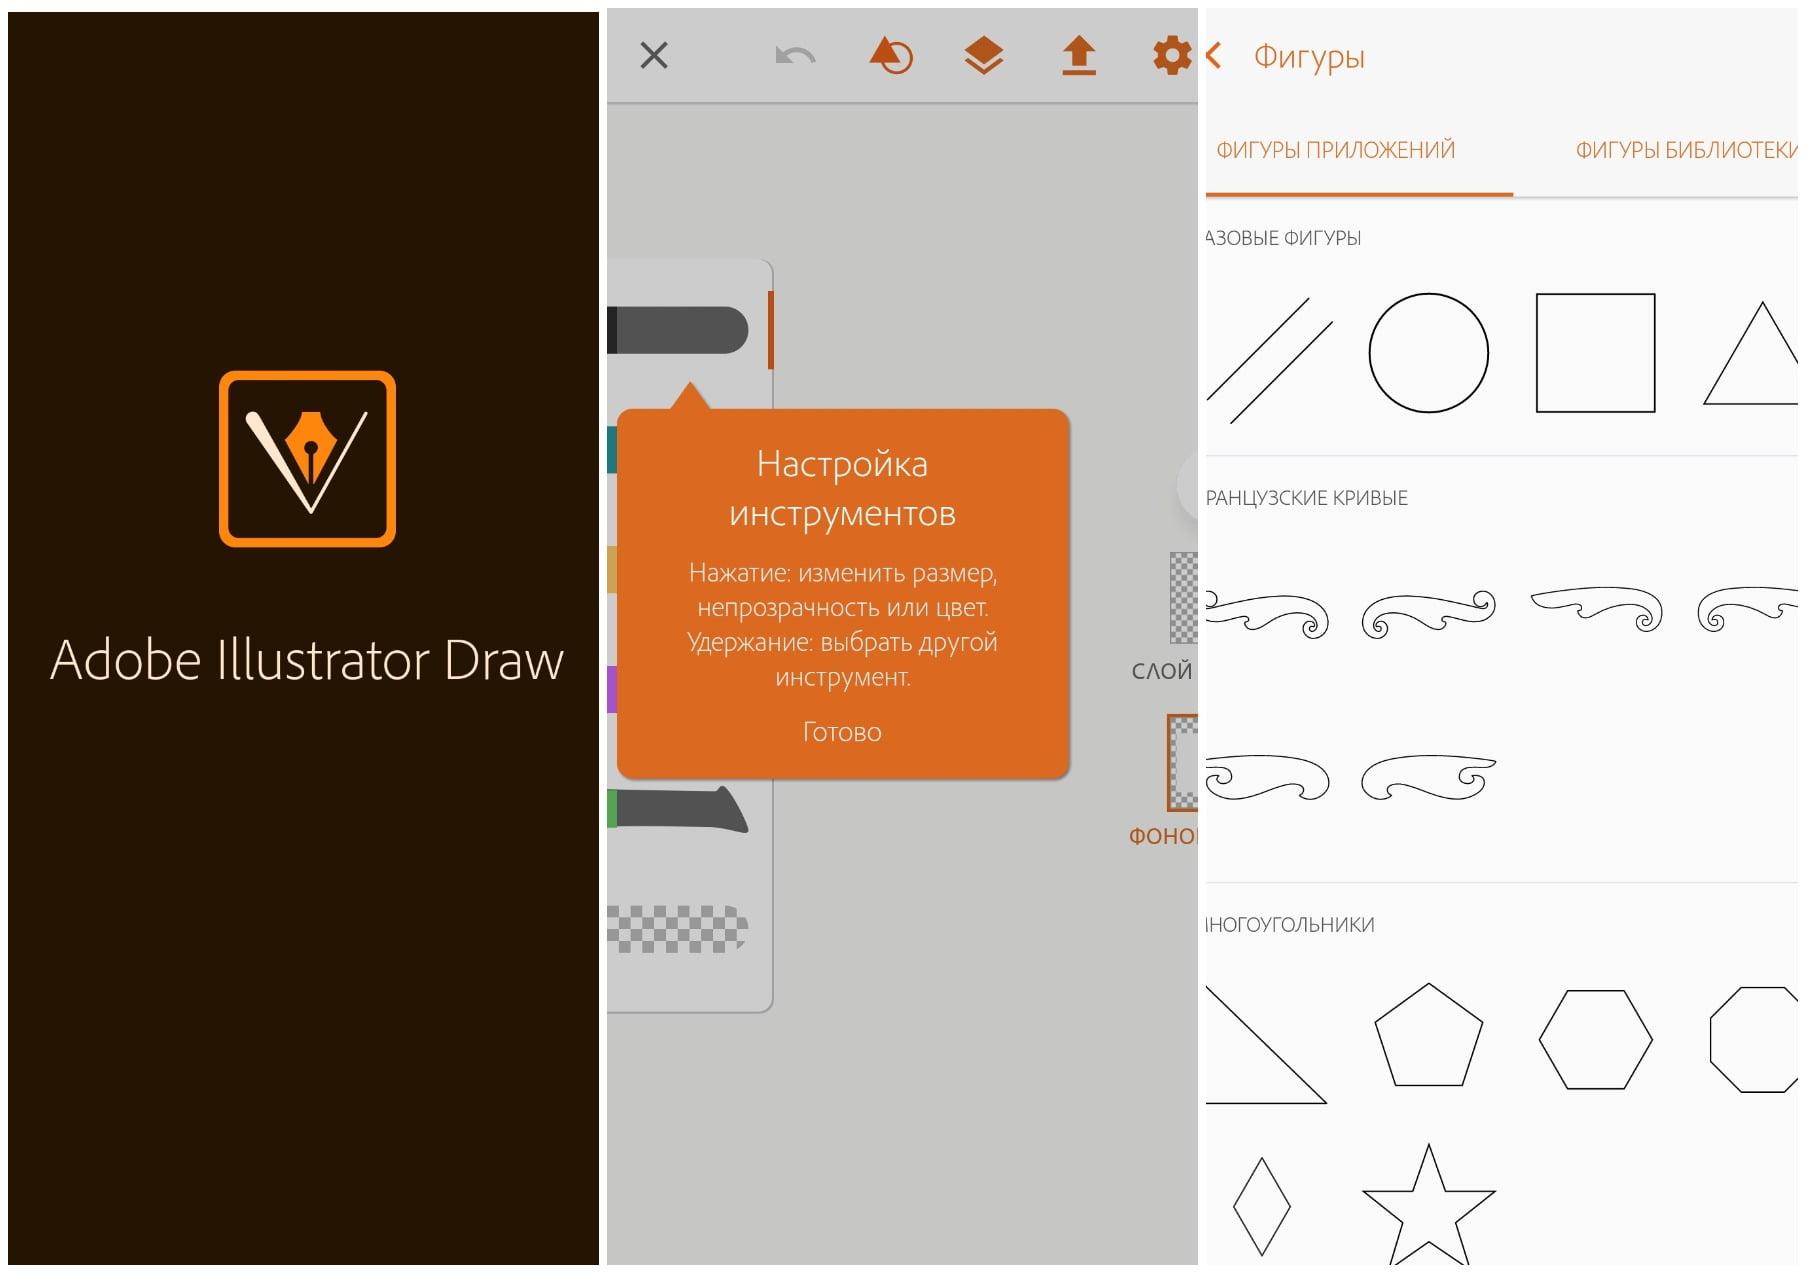 На фото приложение Adobeillustratordraw